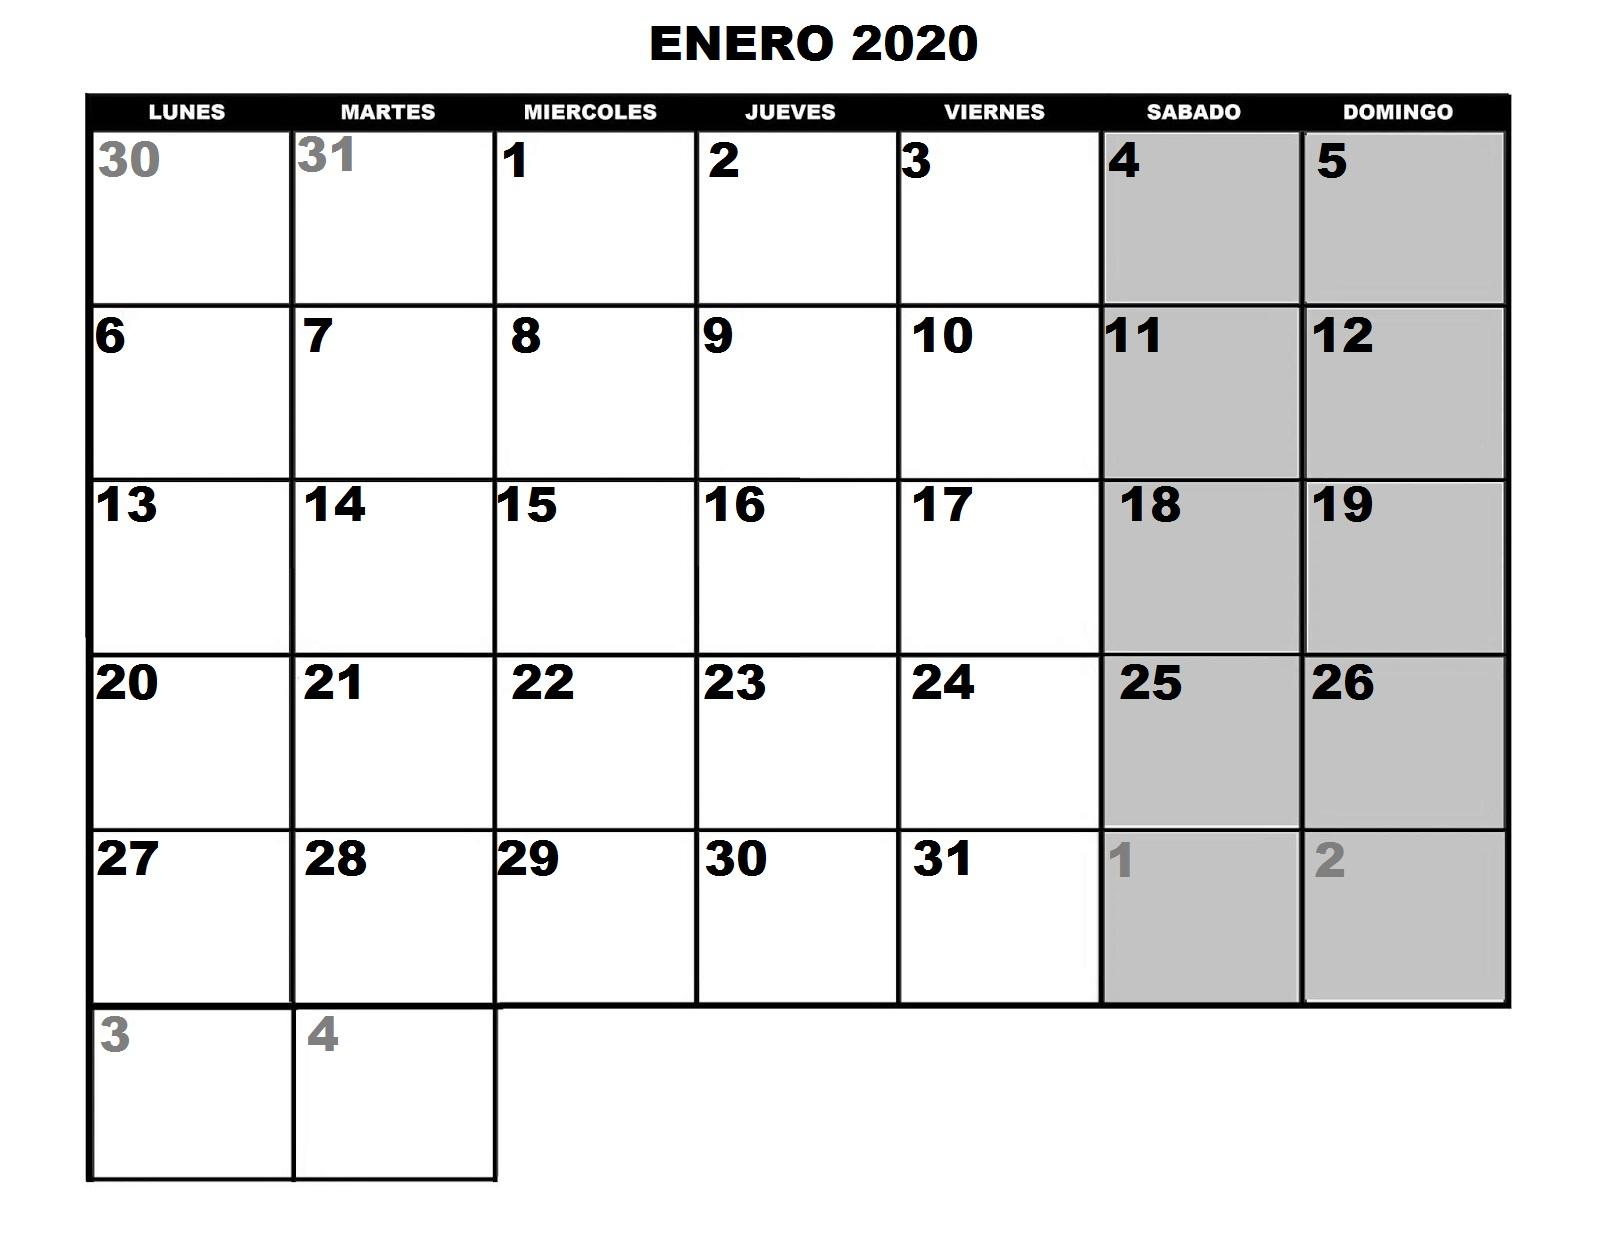 Calendario 2020 Para Poner Foto.Tornadojack Calendario 2020 Para Imprimir Y Poner Fotos A